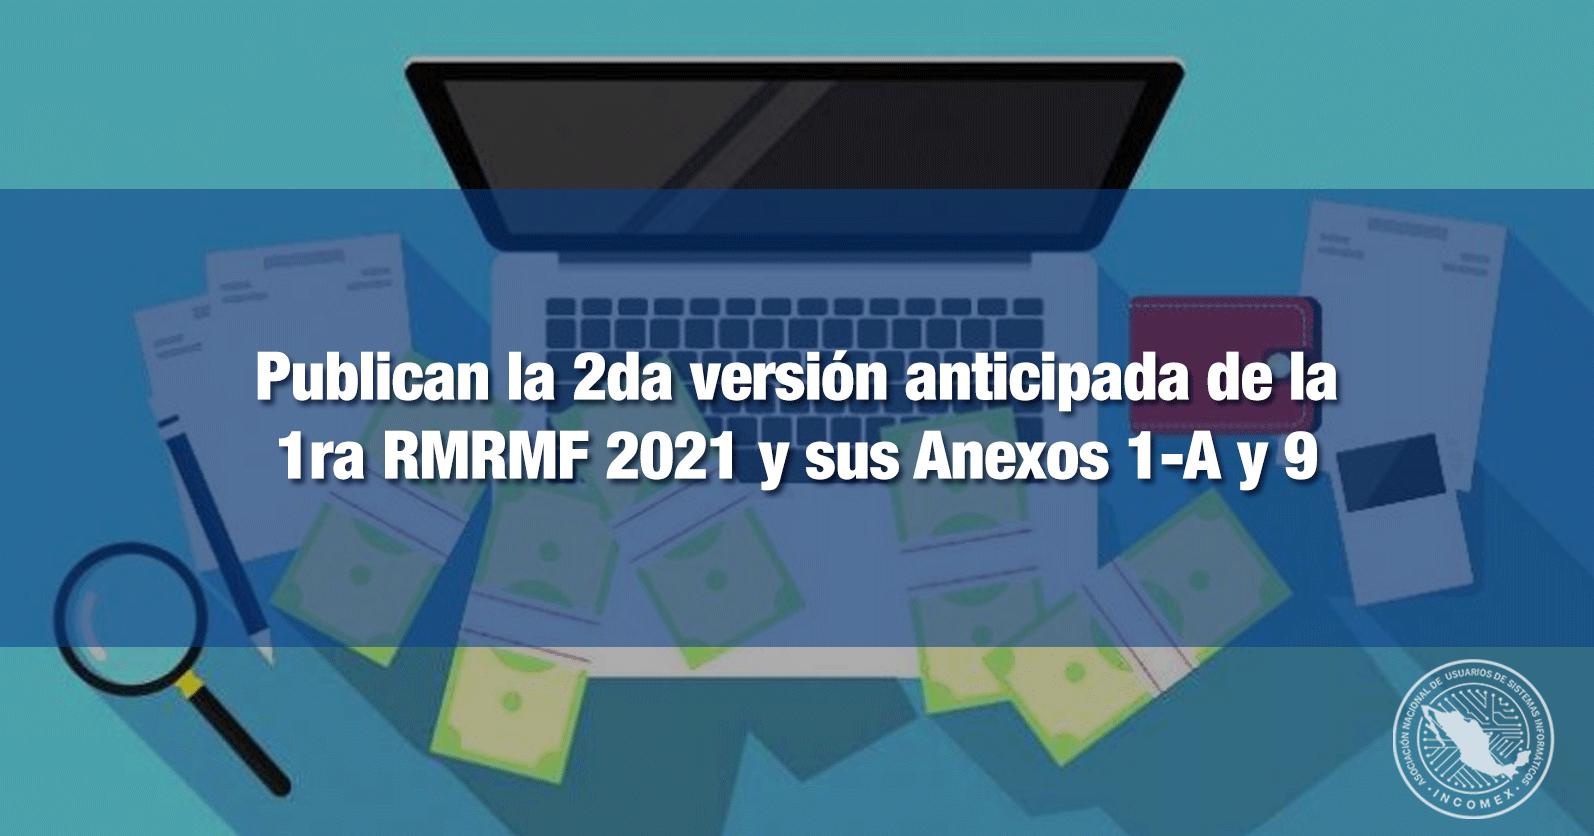 Publican la 2da versión anticipada de la 1ra RMRMF 2021 y sus Anexos 1-A y 9